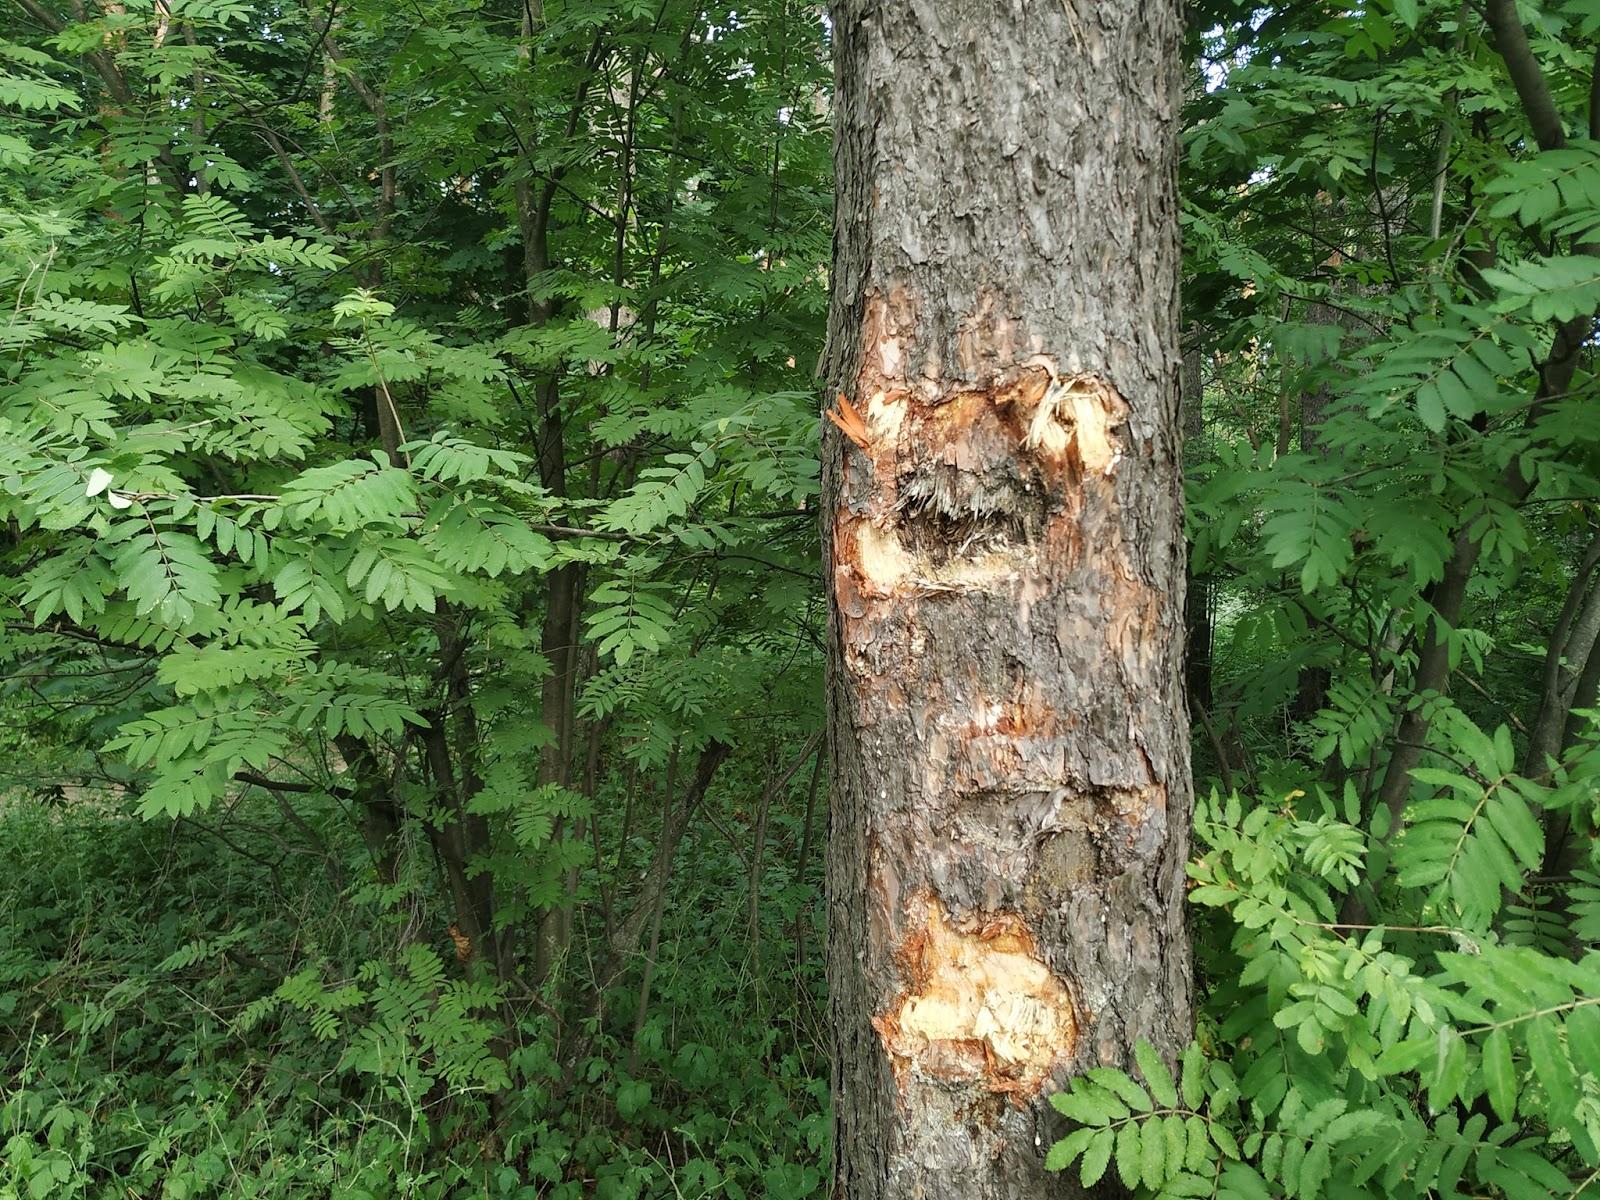 Возможно, это изображение (1 человек, пестрая неясыть, дерево и природа)